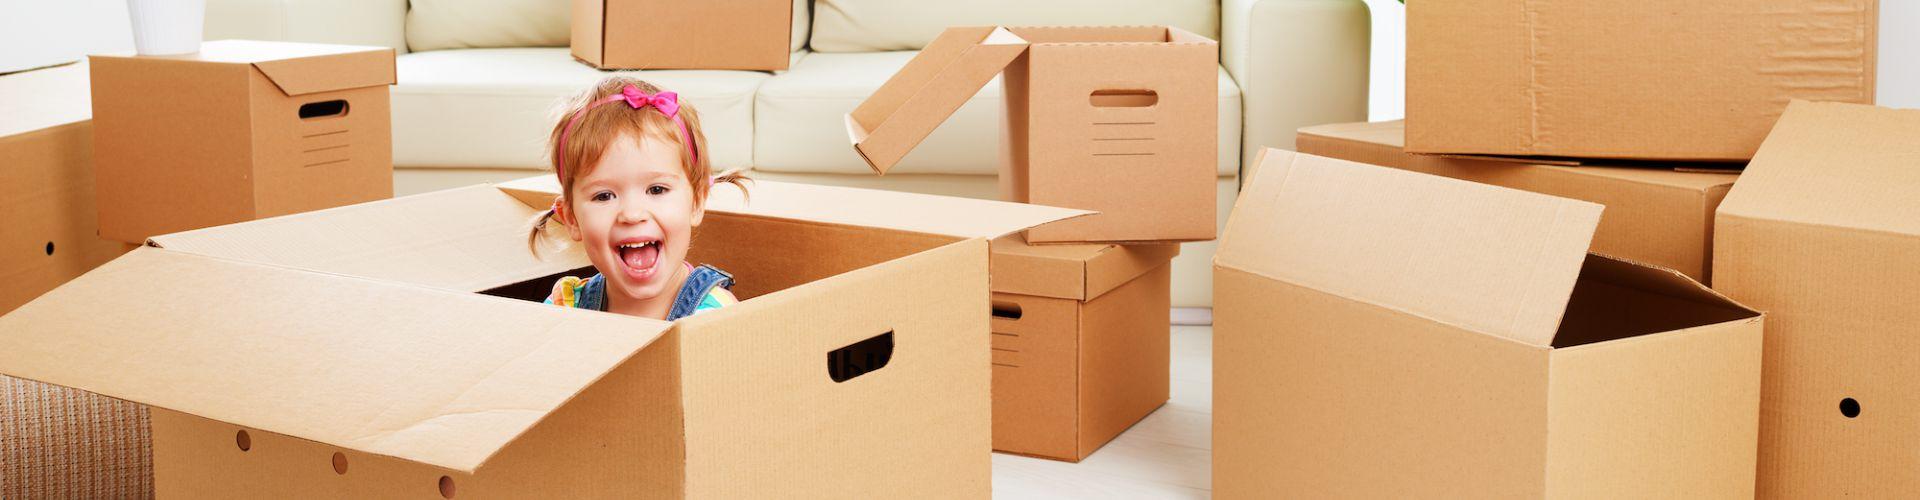 nicht vergessen nach dem umzug ummelden. Black Bedroom Furniture Sets. Home Design Ideas